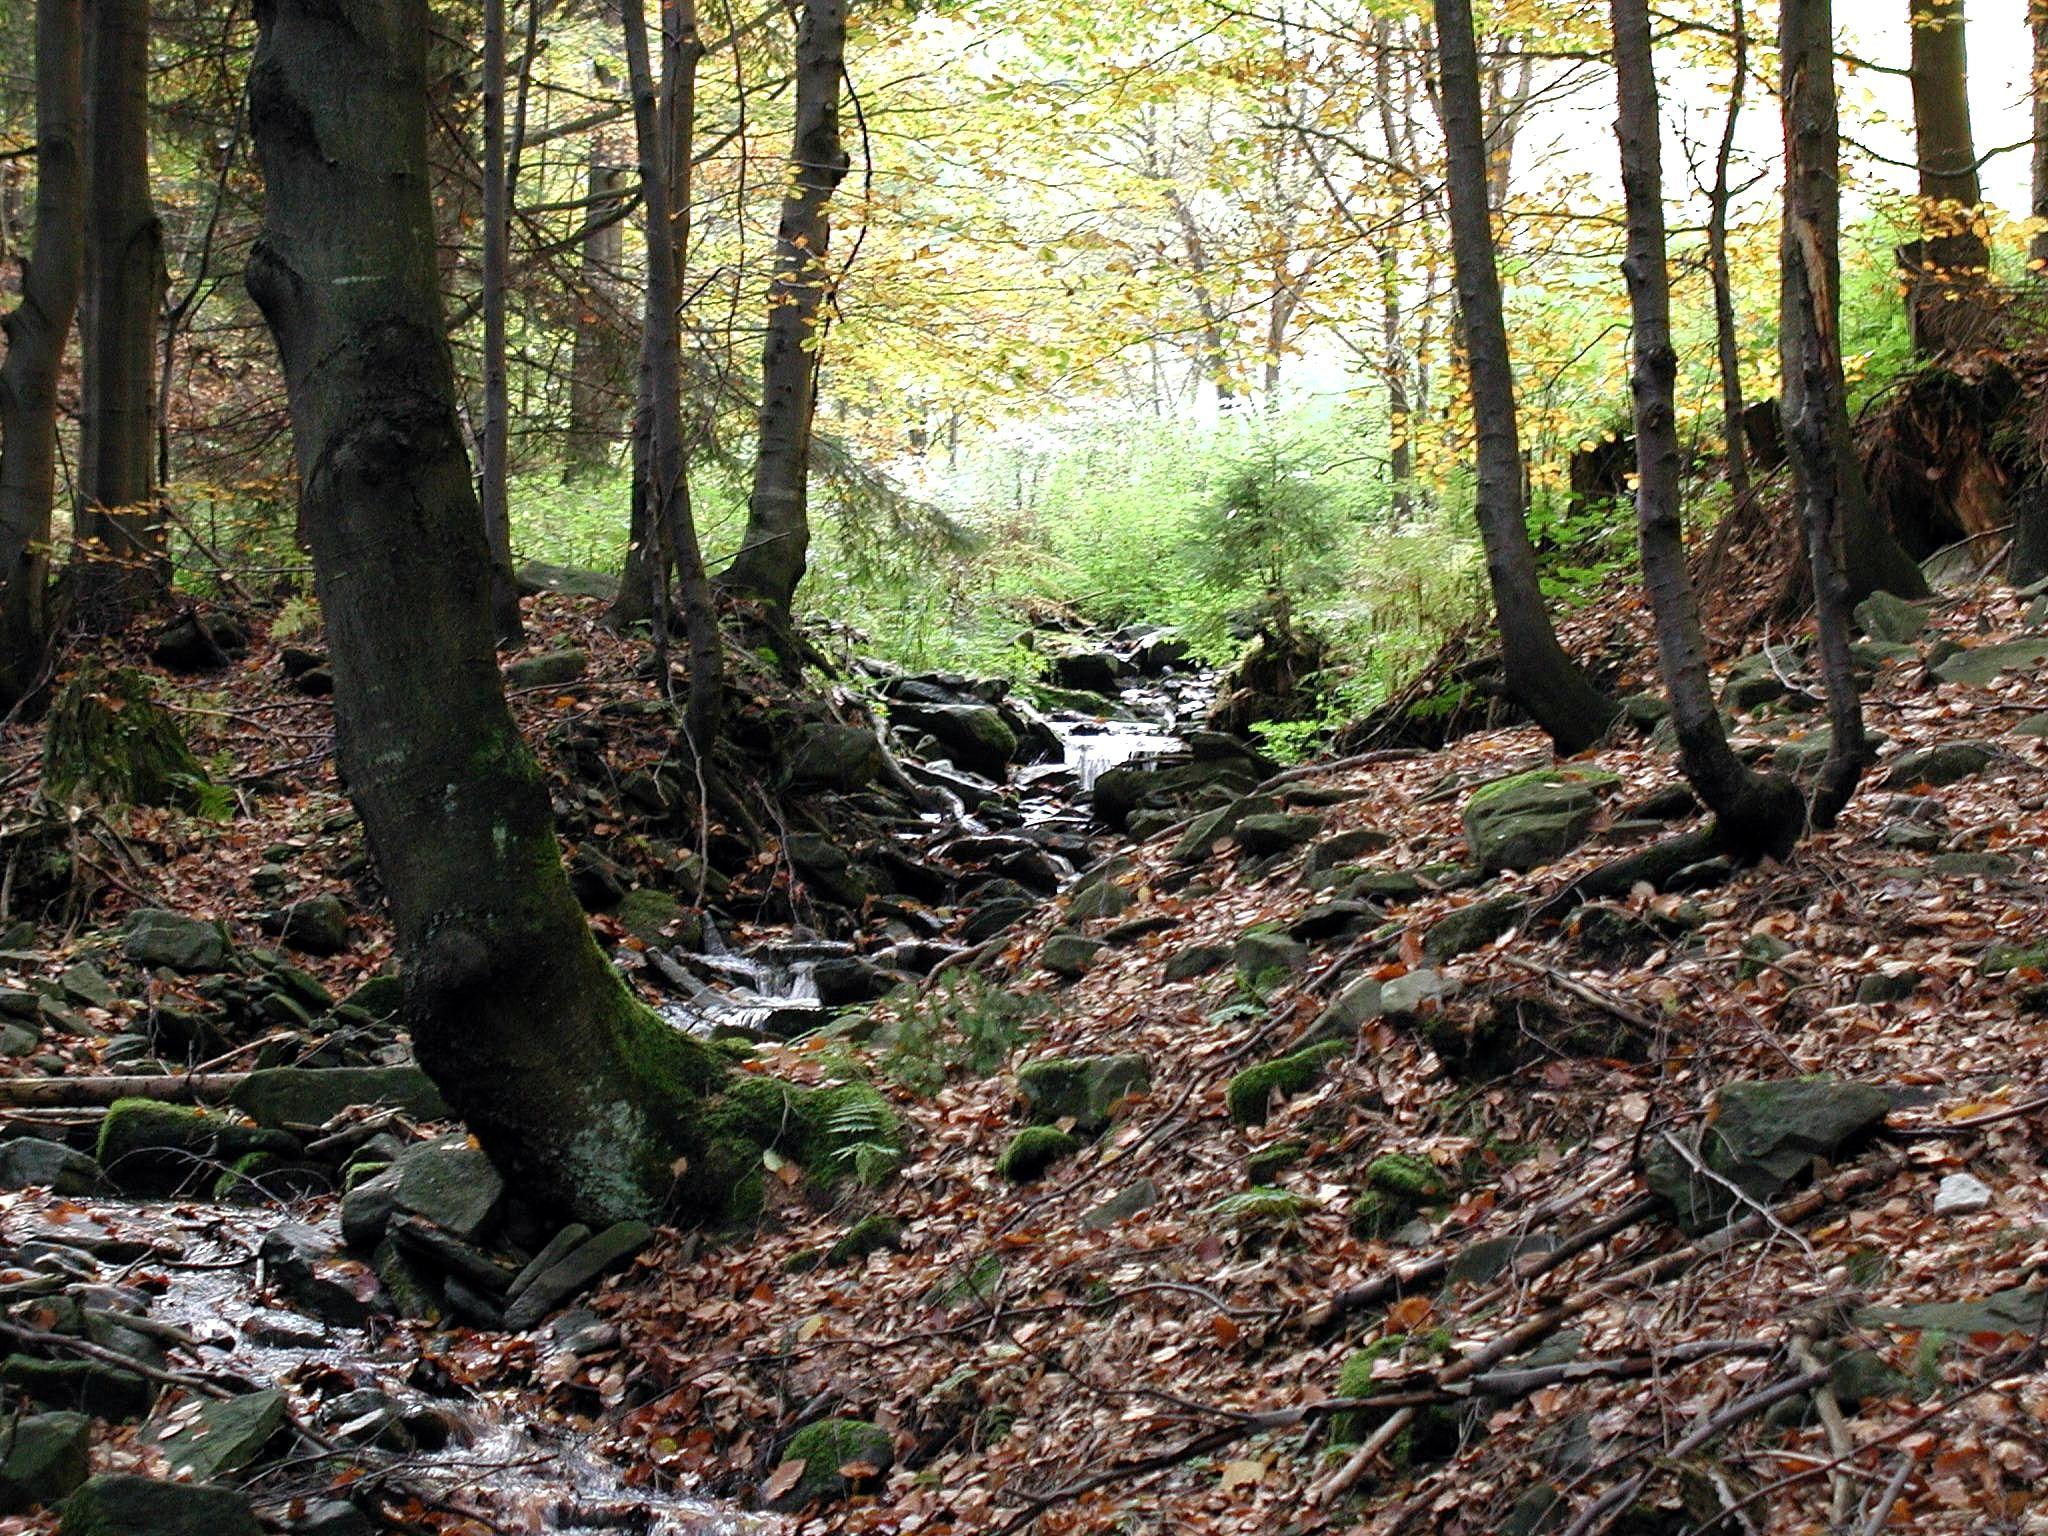 Cloud Forest Habitat Images